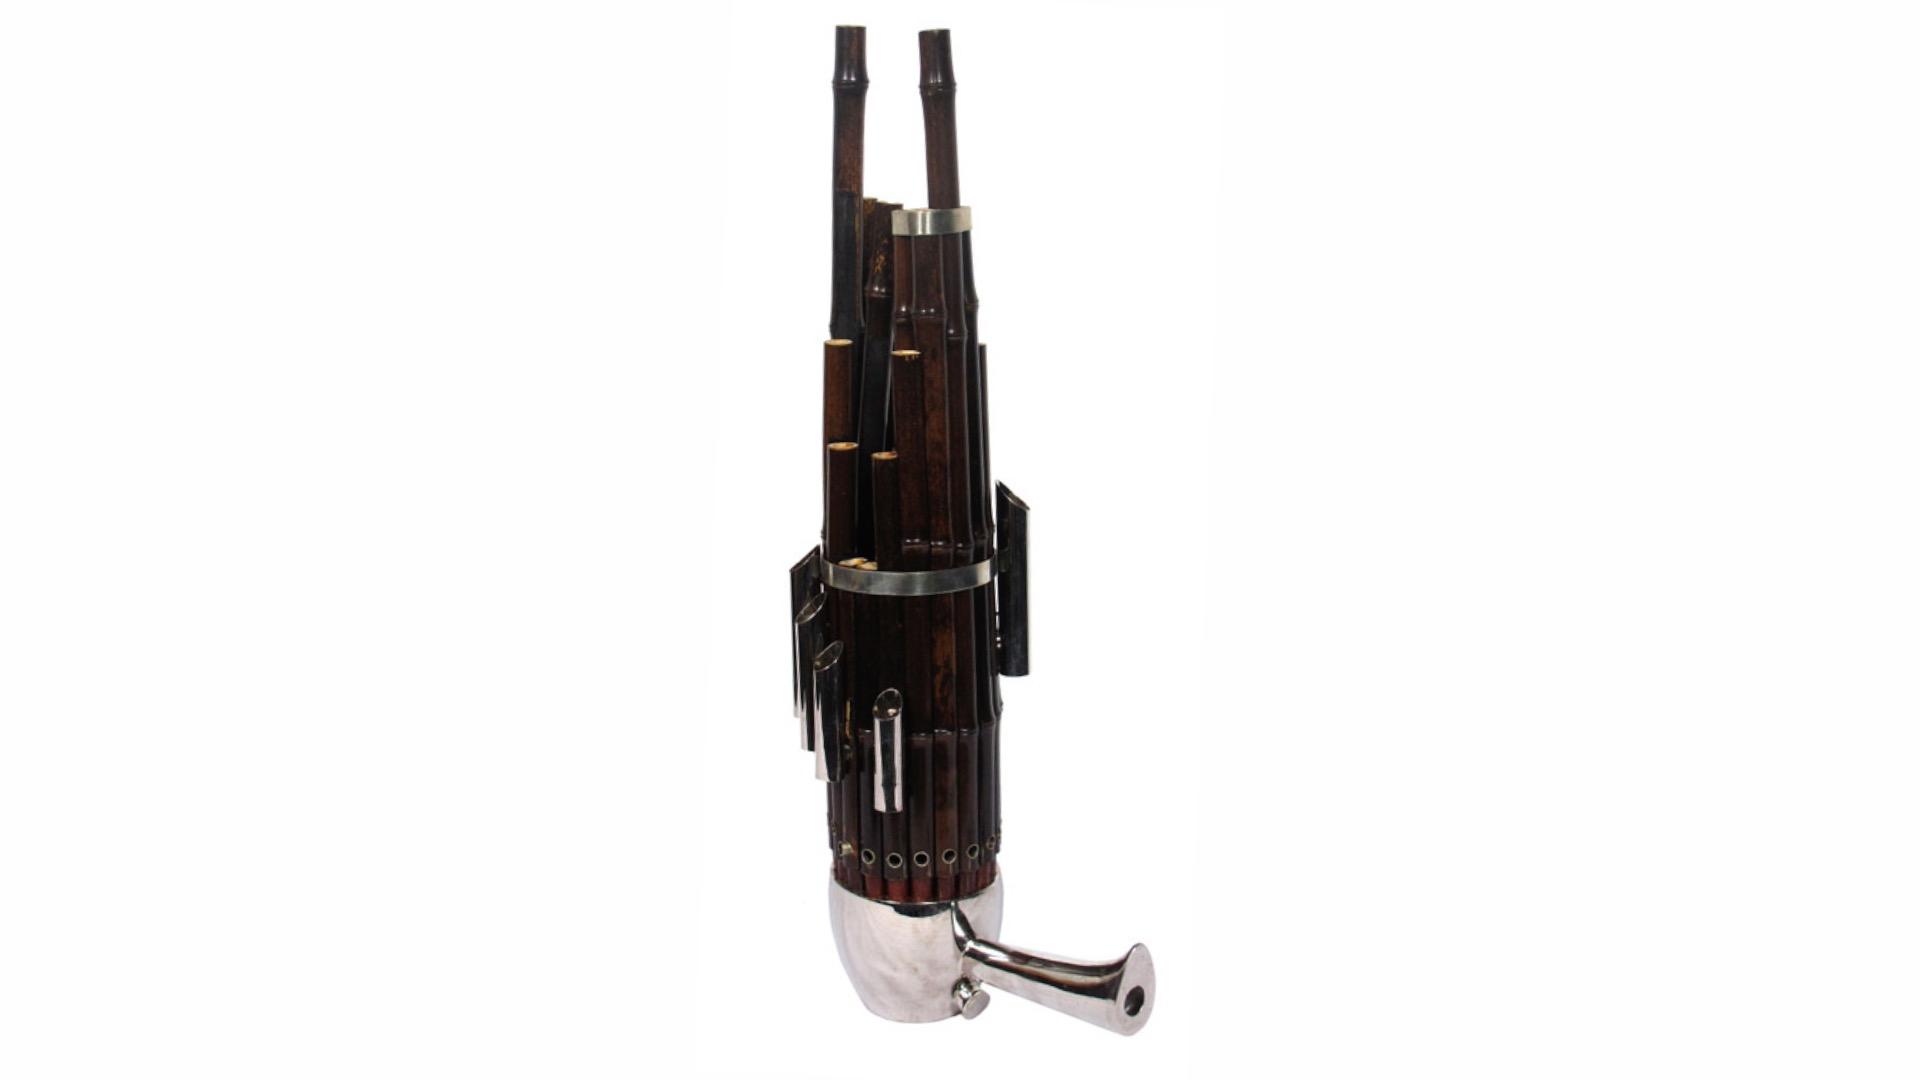 Sheng (Chinese free reed)